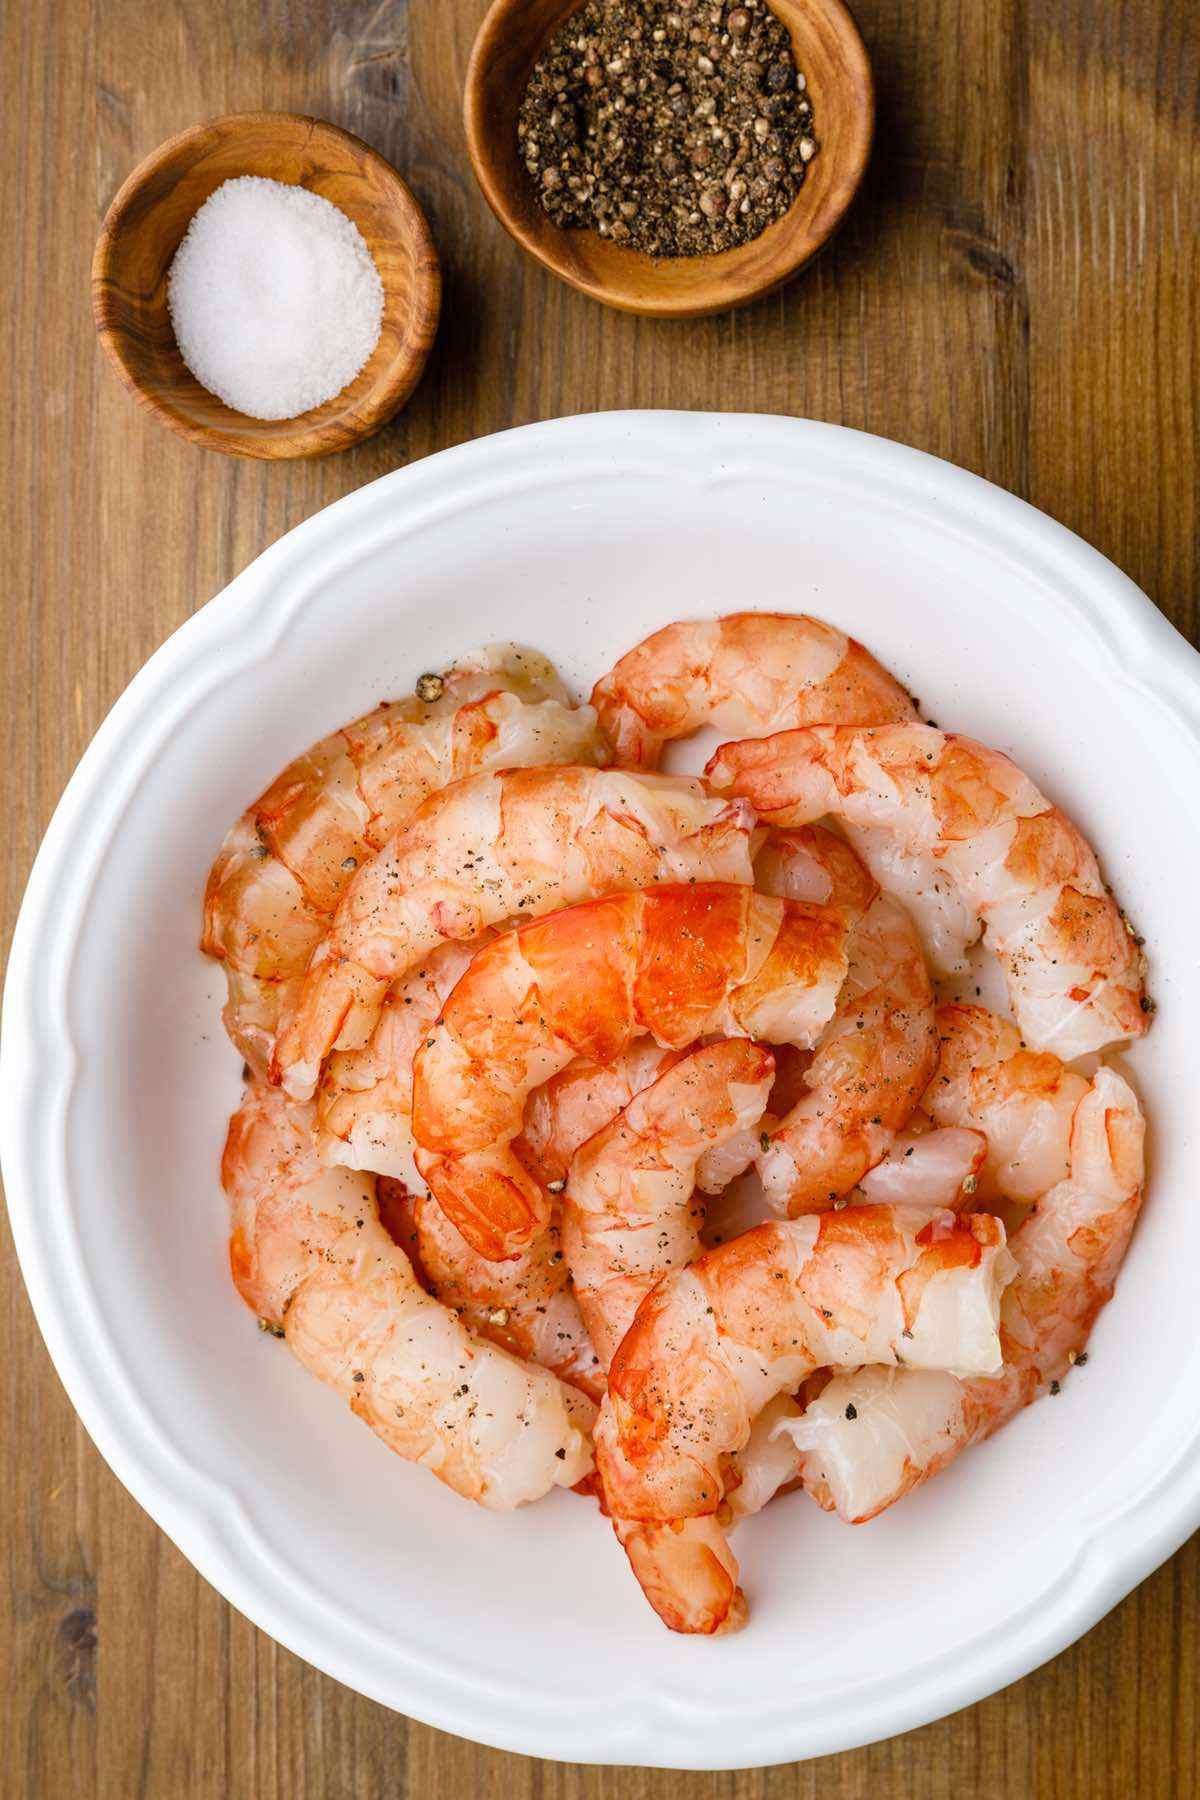 prepping shrimp